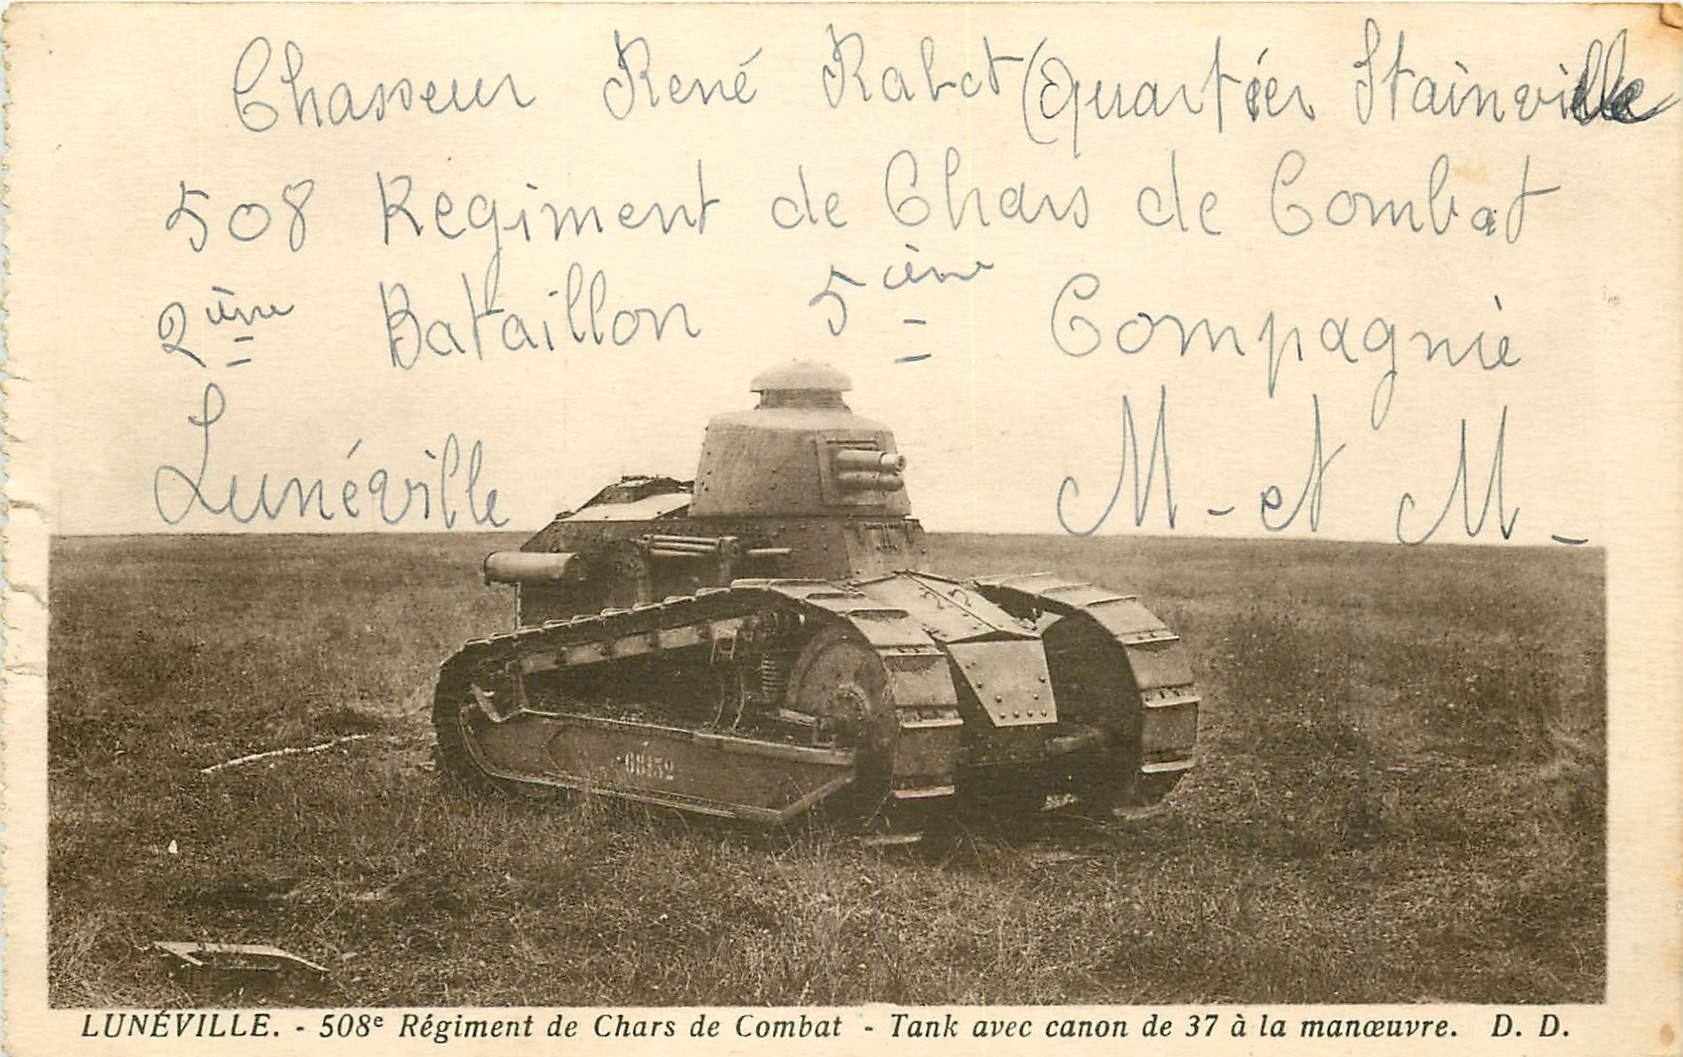 WW 54 LUNEVILLE. 508° Régiment de Chars de Combat. Tank avec canon